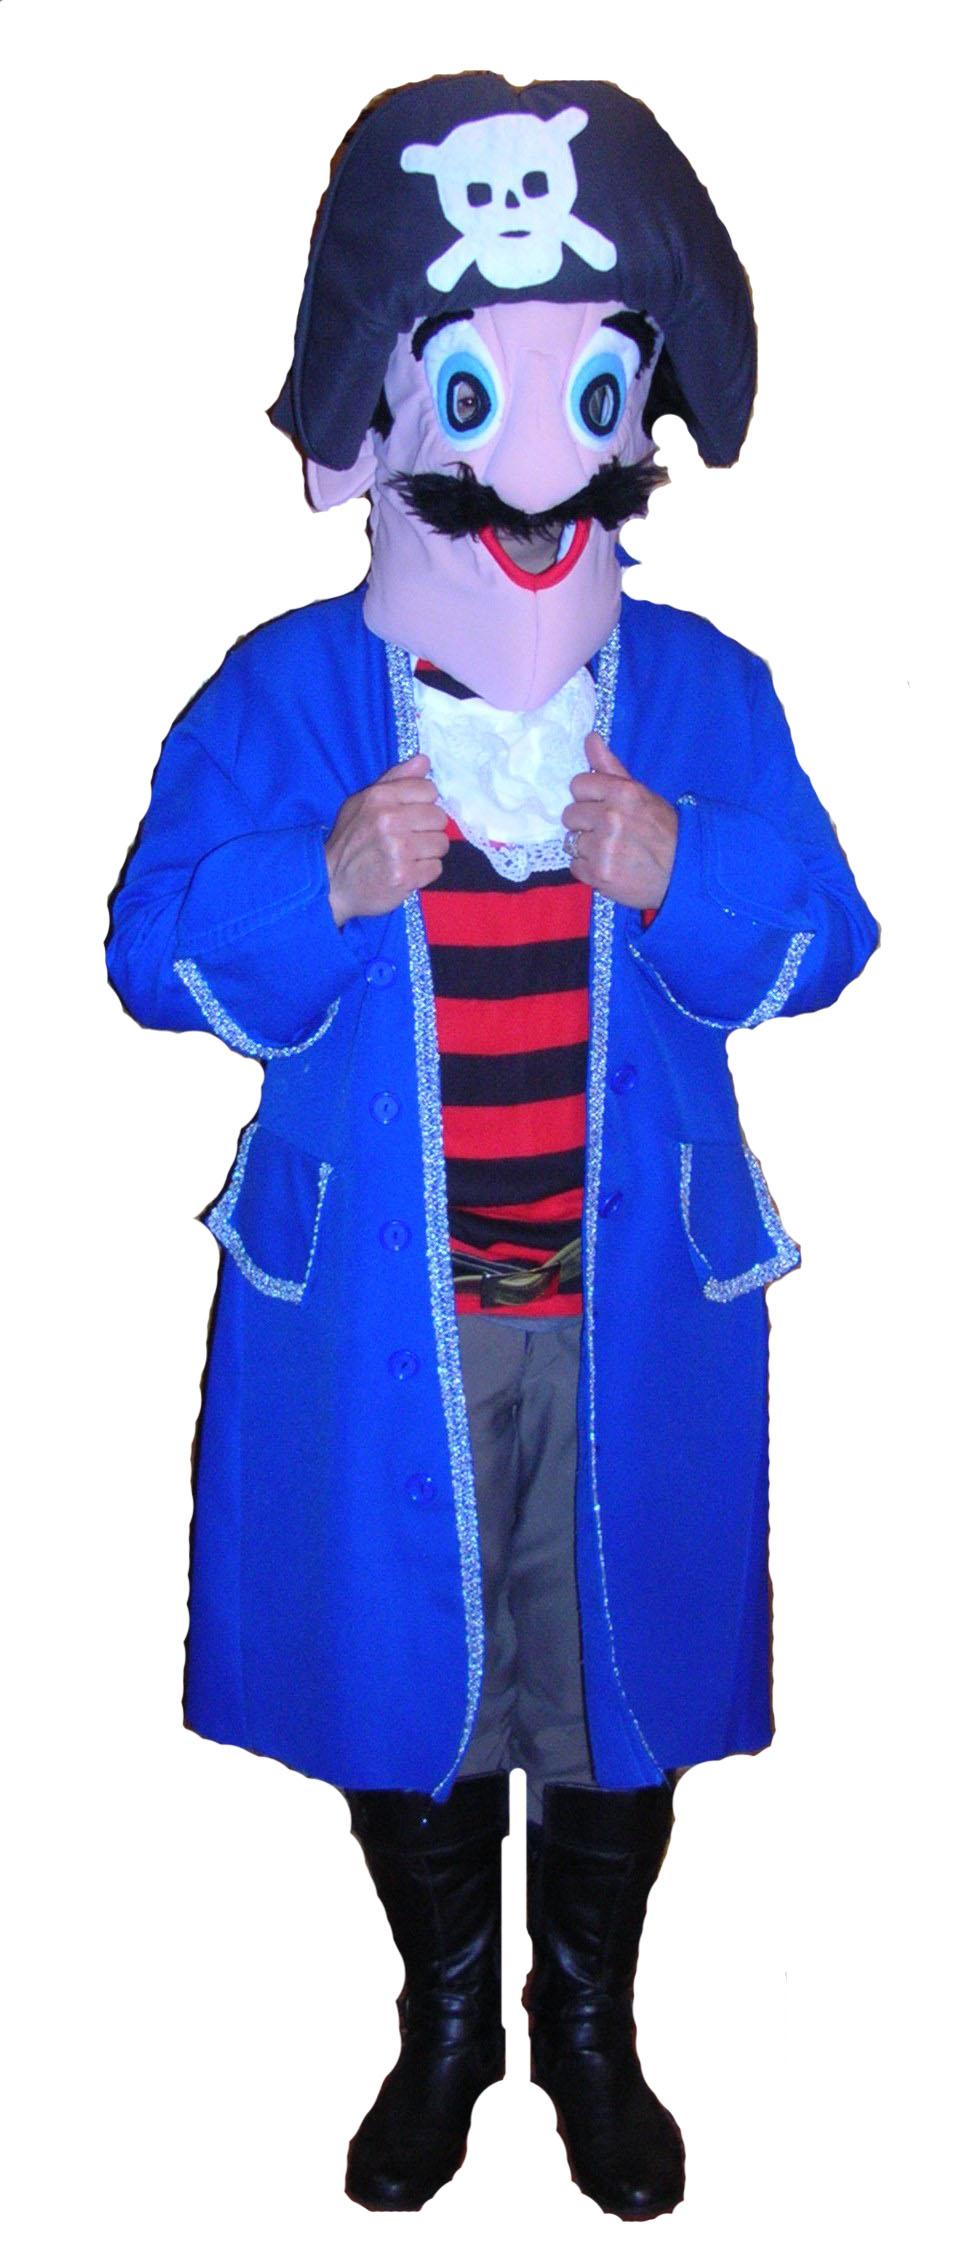 captain_pugwash_costume